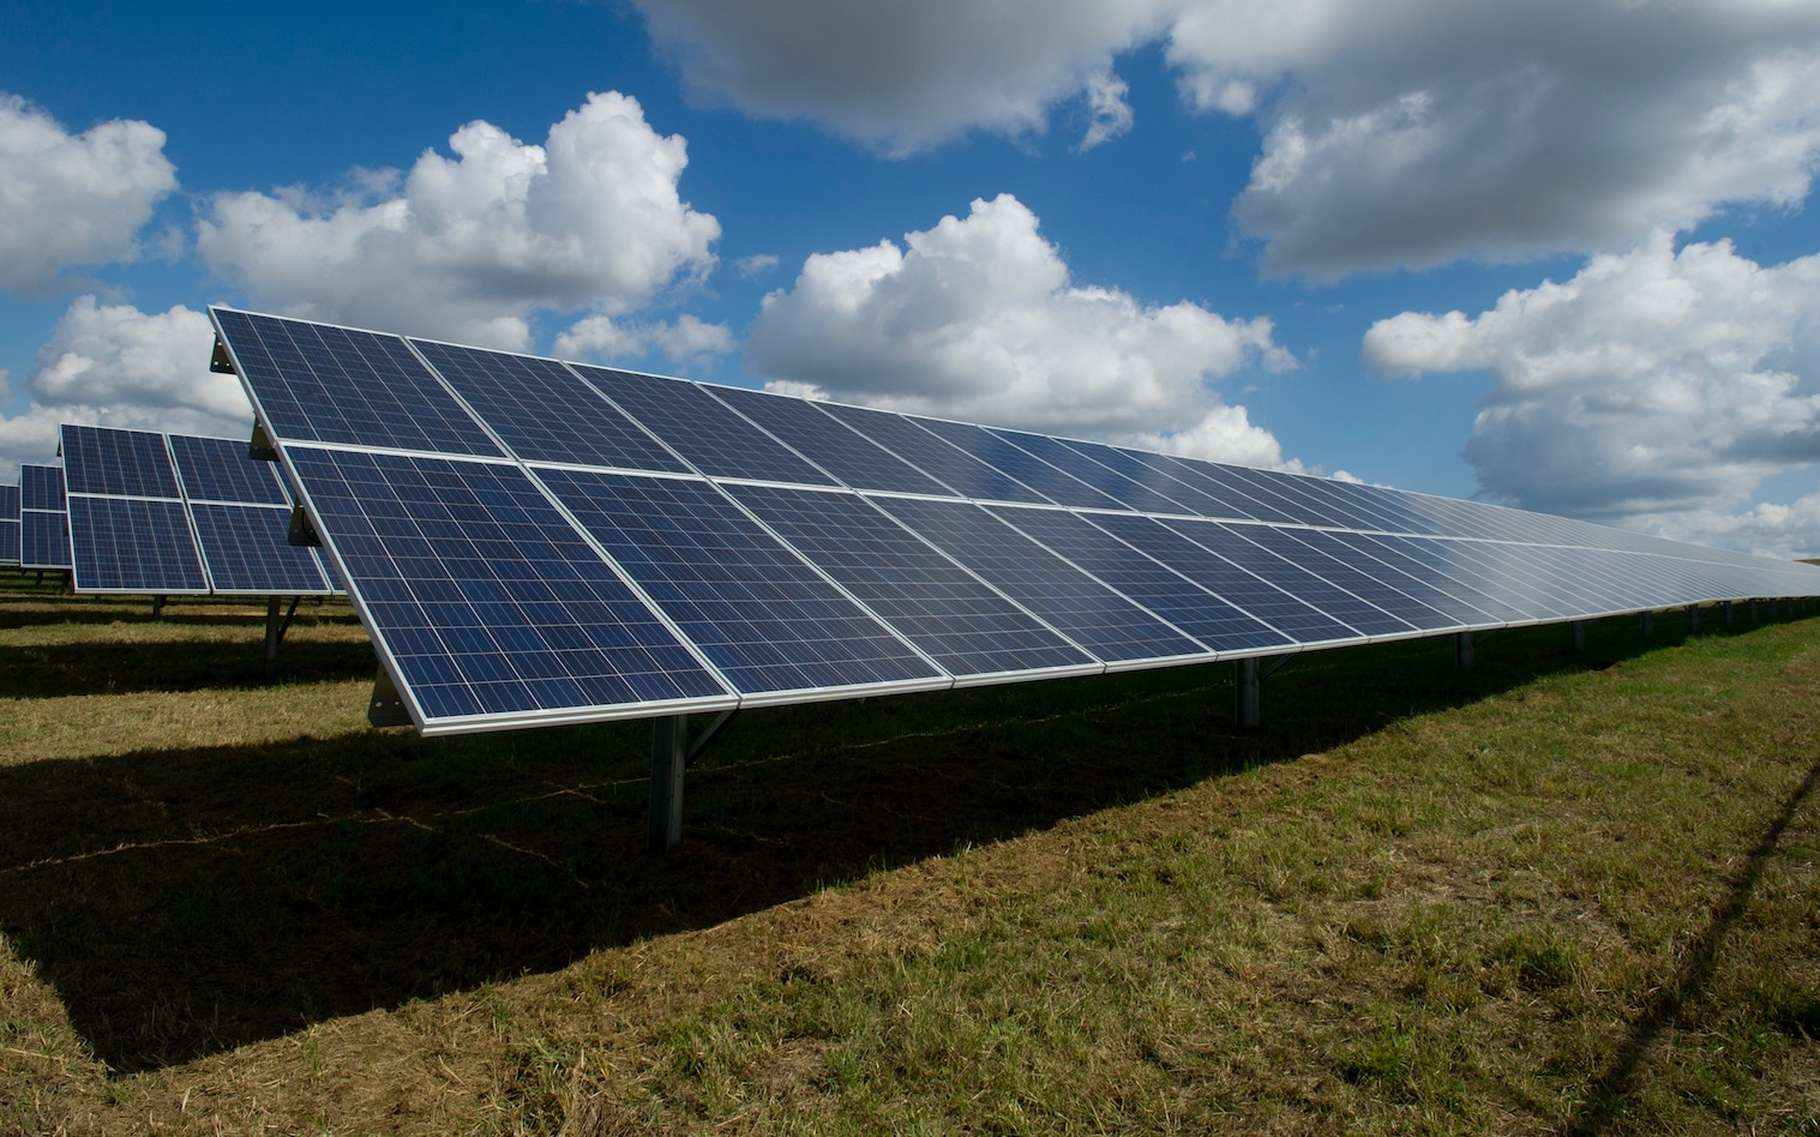 Les chercheurs ont toujours de nouvelles idées pour améliorer l'efficacité des panneaux solaires photovoltaïques. Cette fois, ils imaginent recourir à des nanoparticules recouvertes de colorants organiques. © American Public Power Association, Unsplash